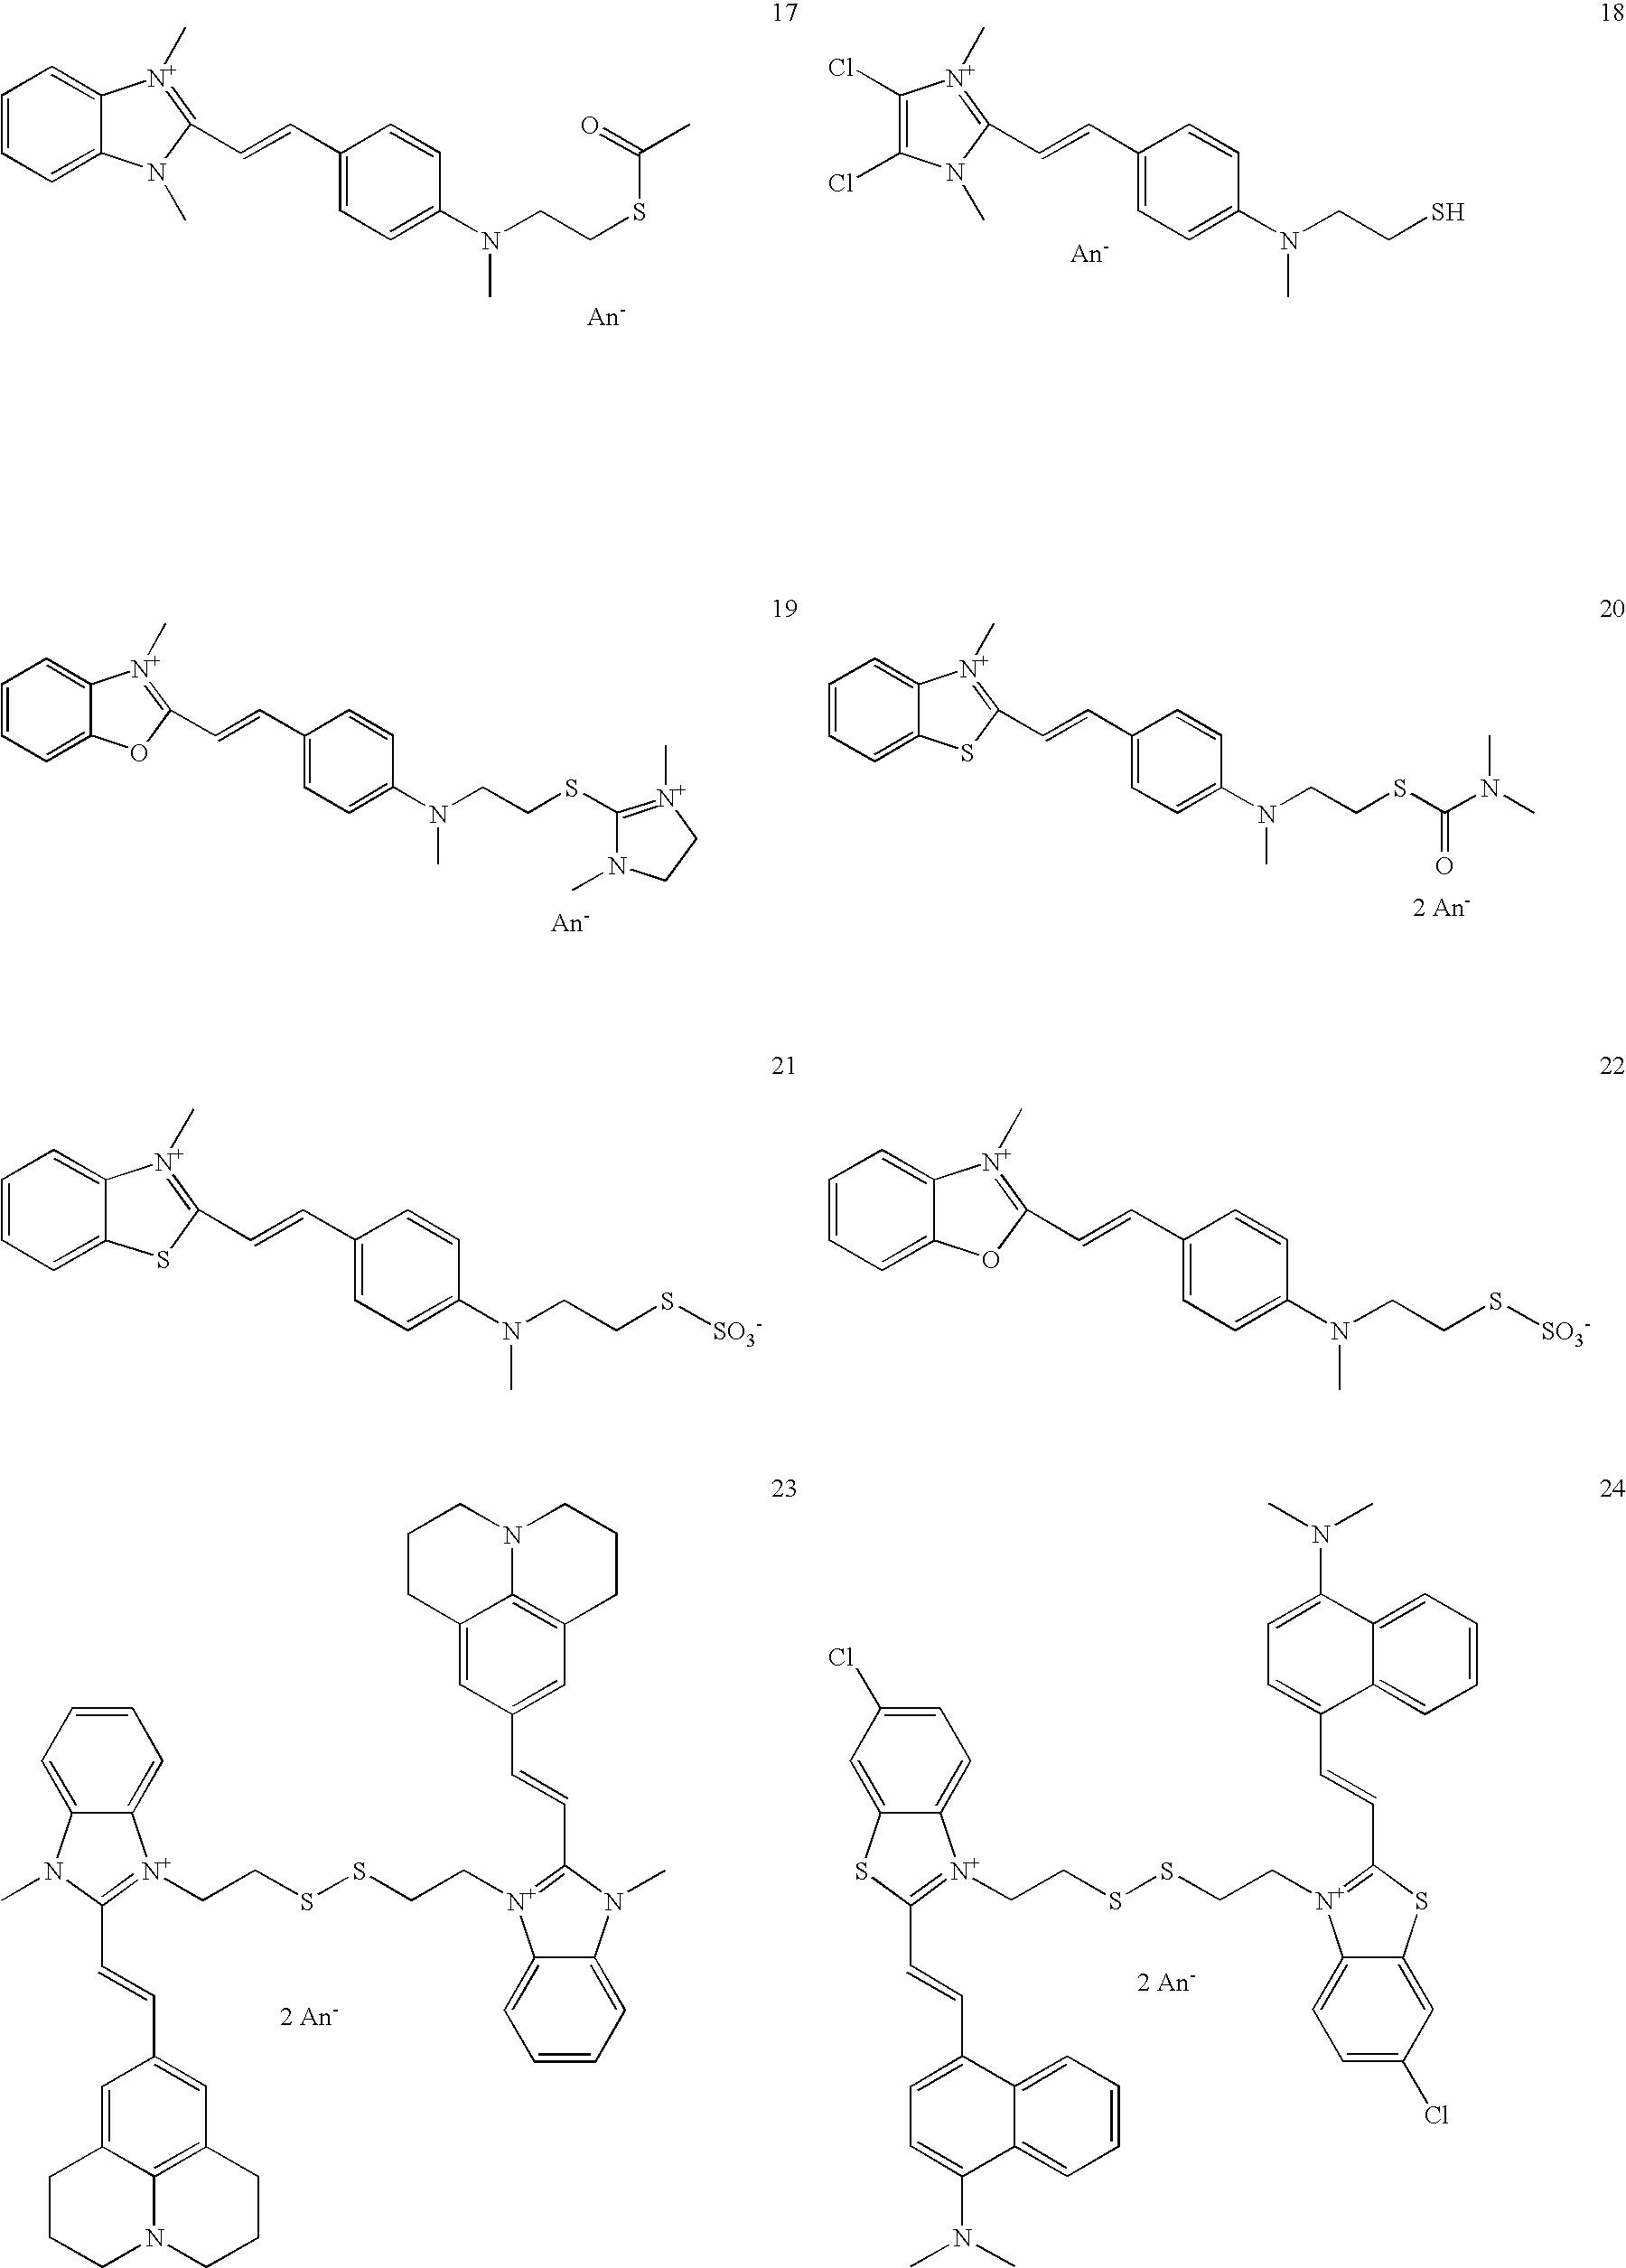 Figure US20090211038A1-20090827-C00062